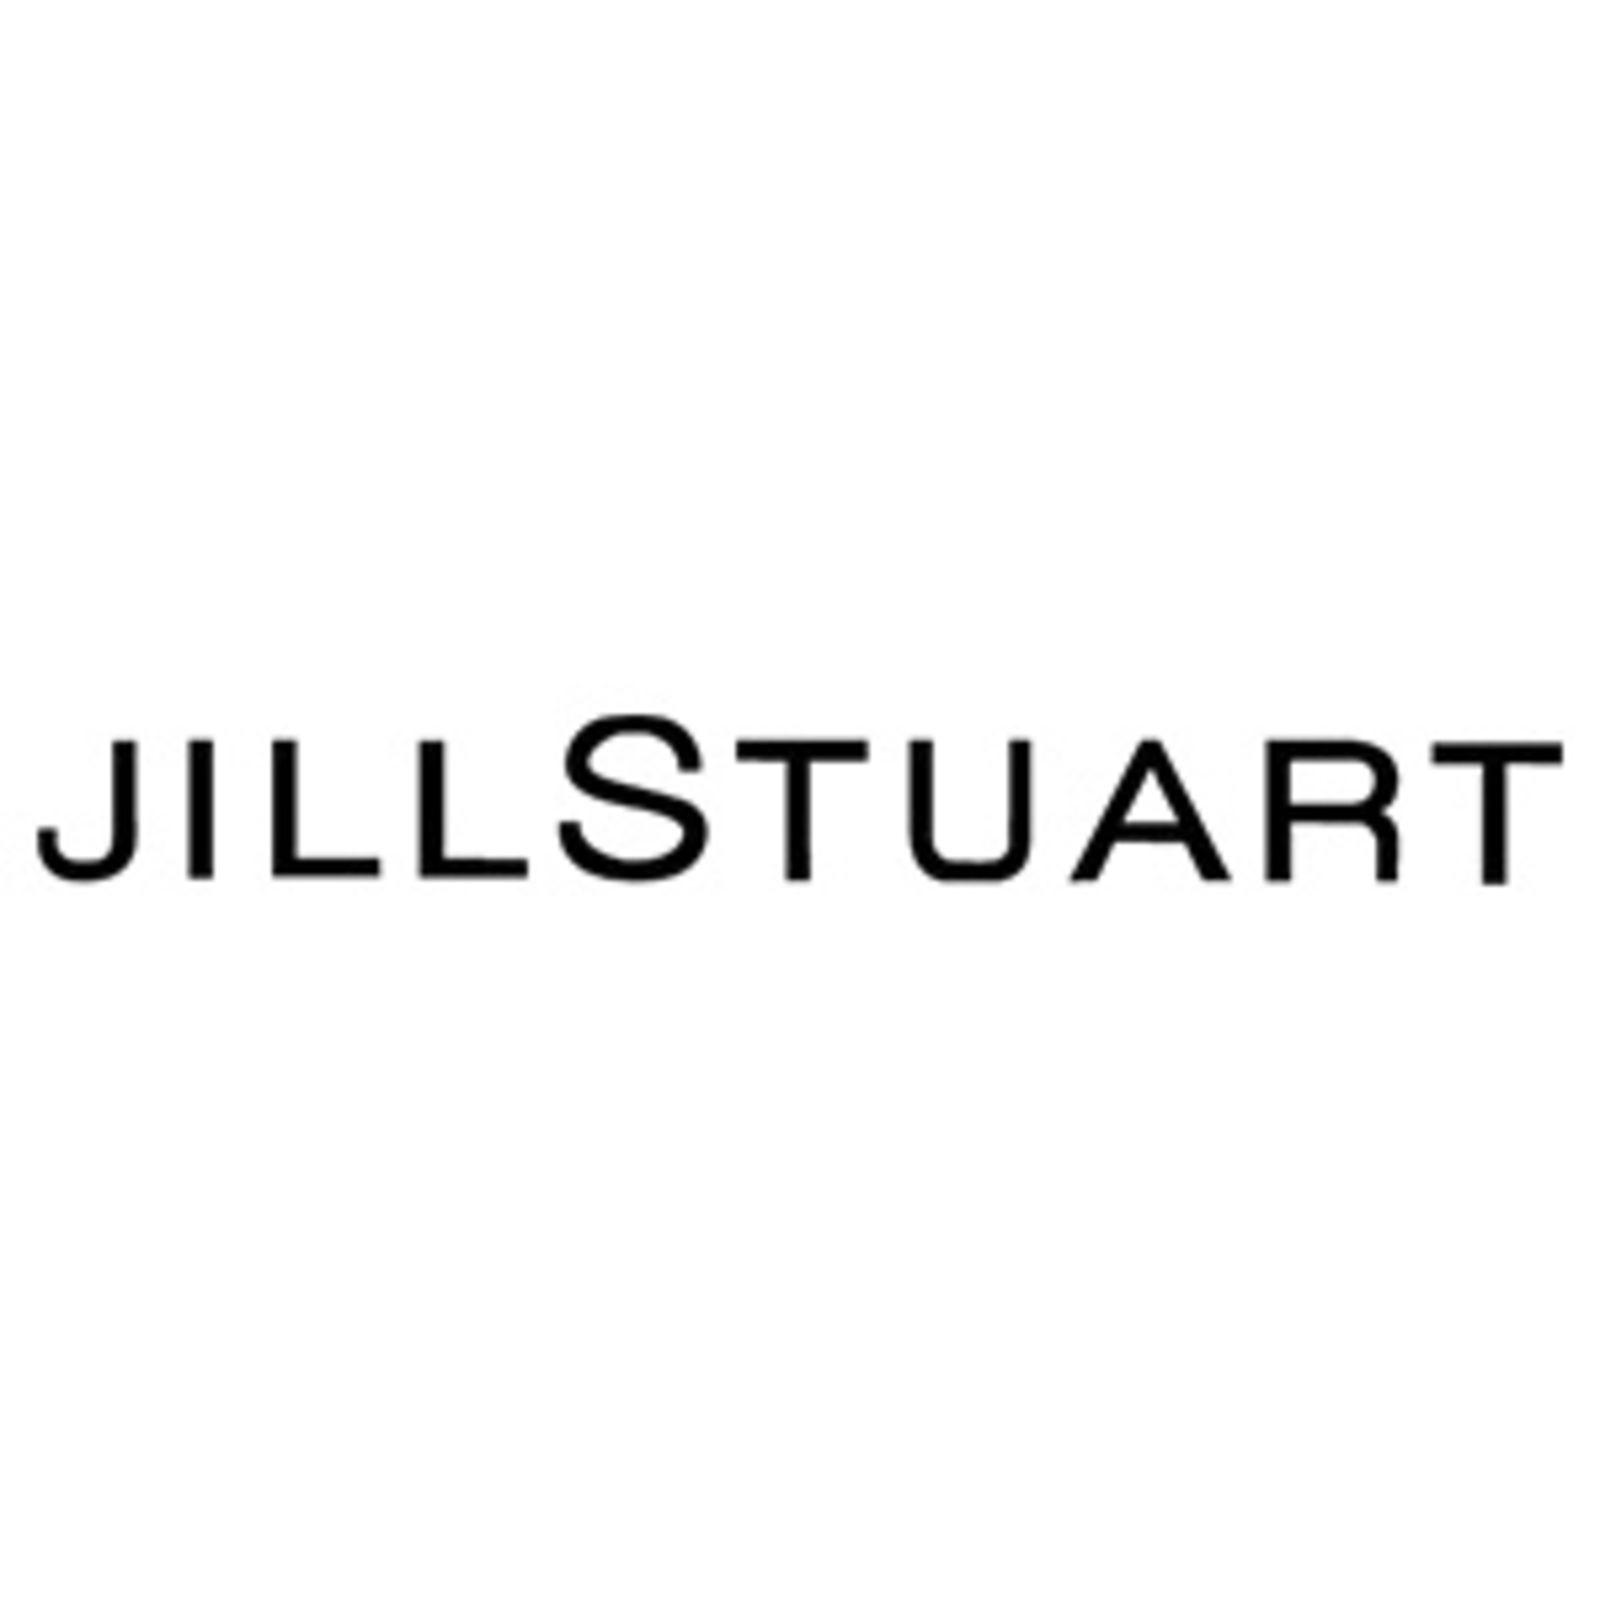 JILL STUART